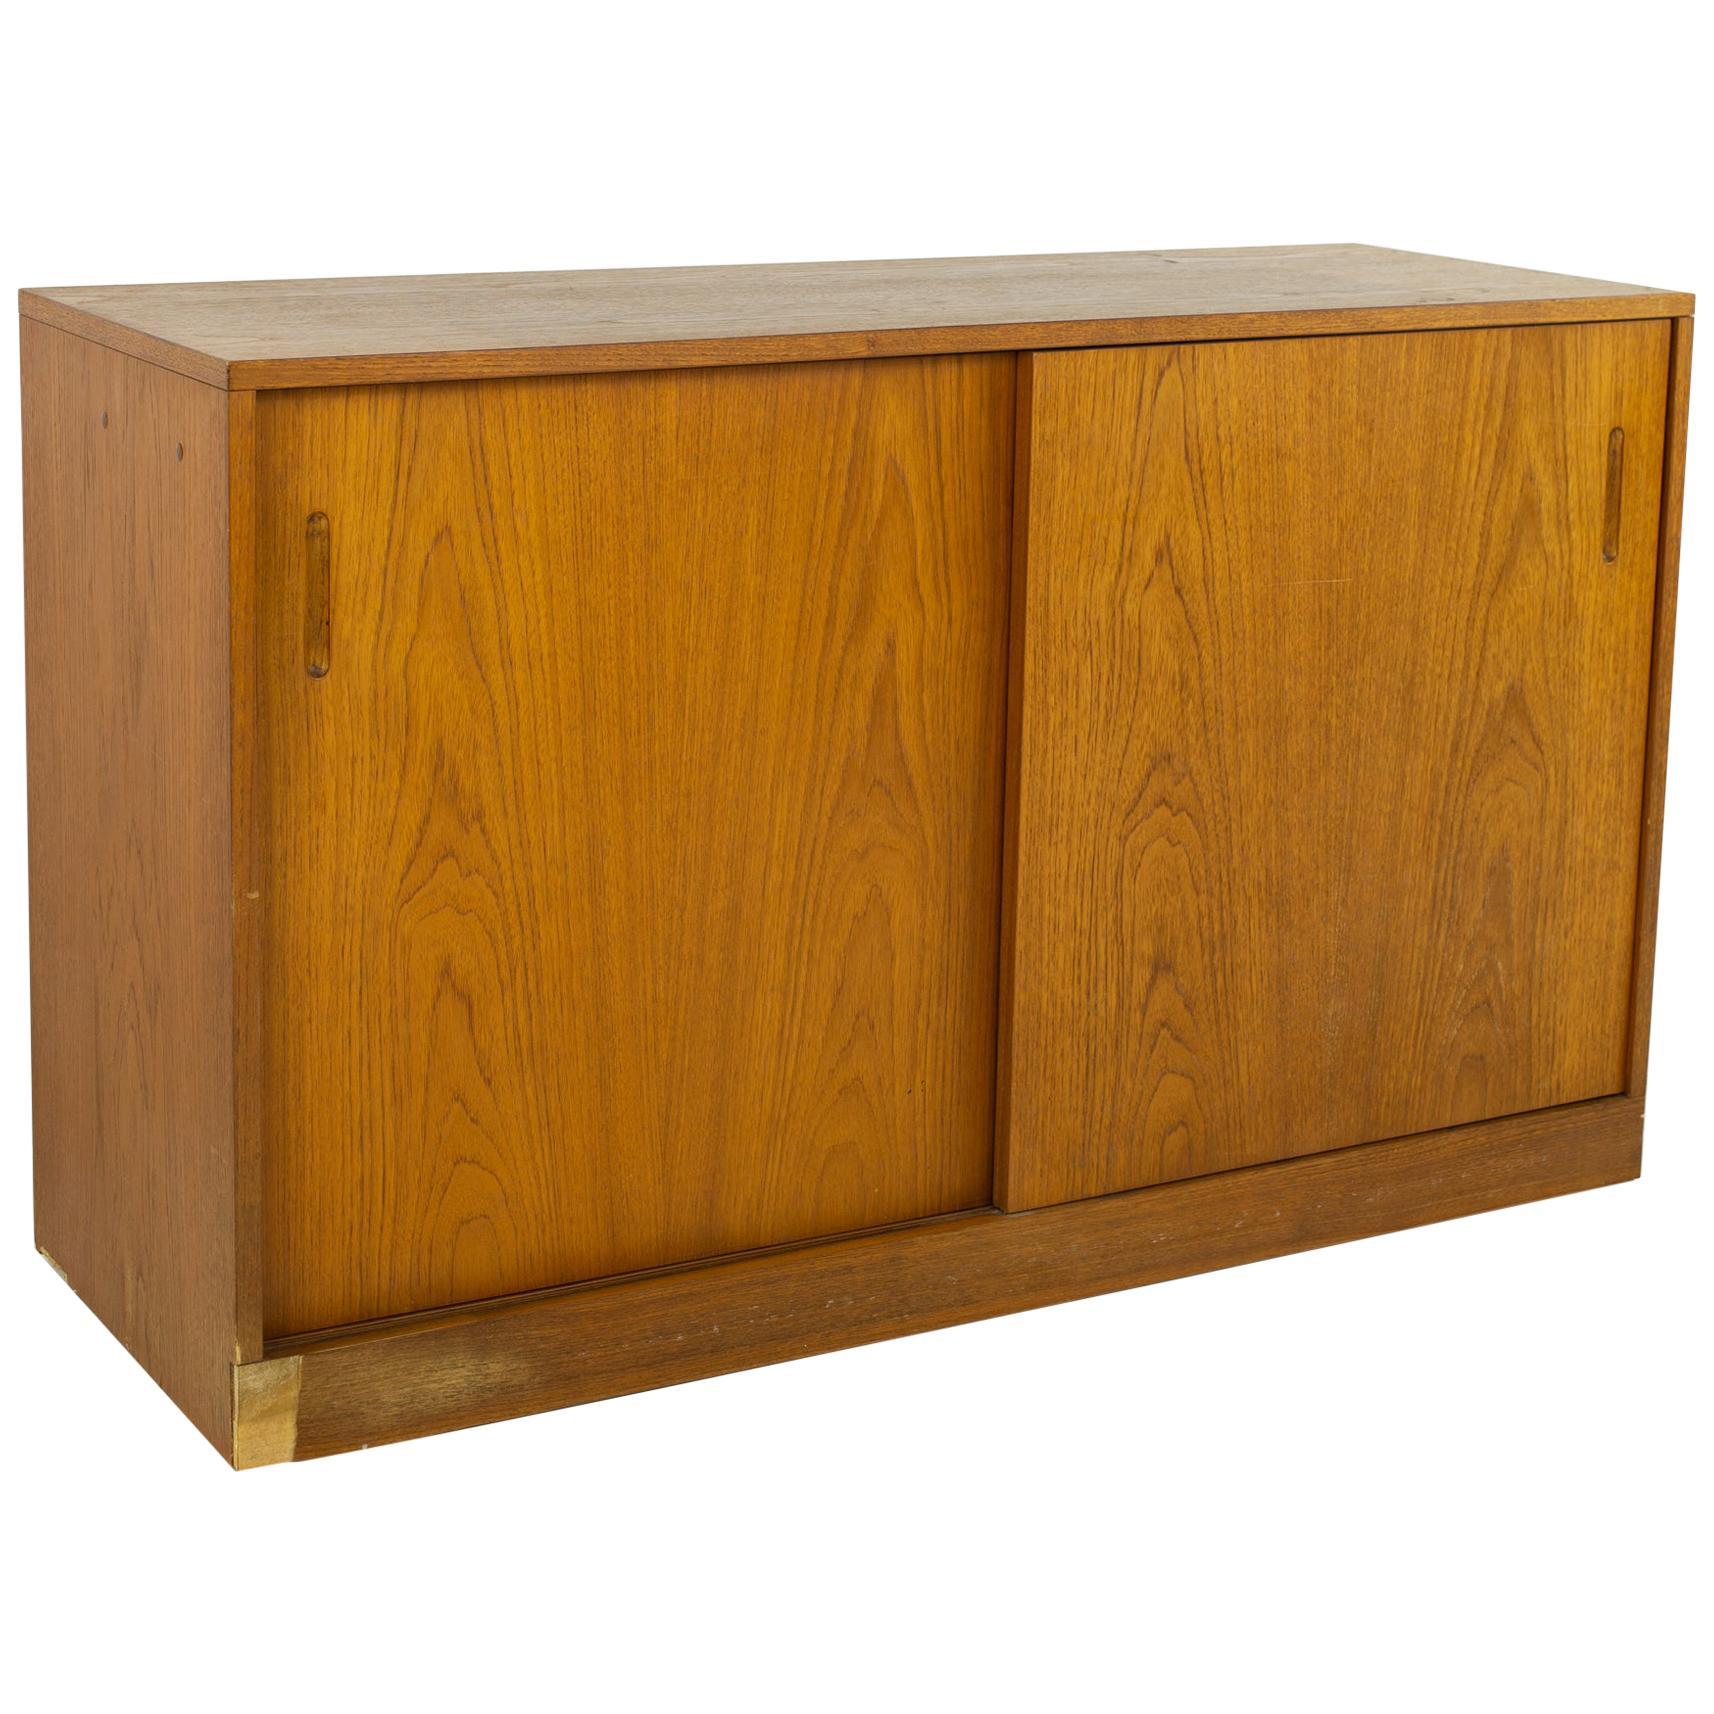 Dixie Furniture Mid Century Teak Sliding Door Media Cabinet Credenza